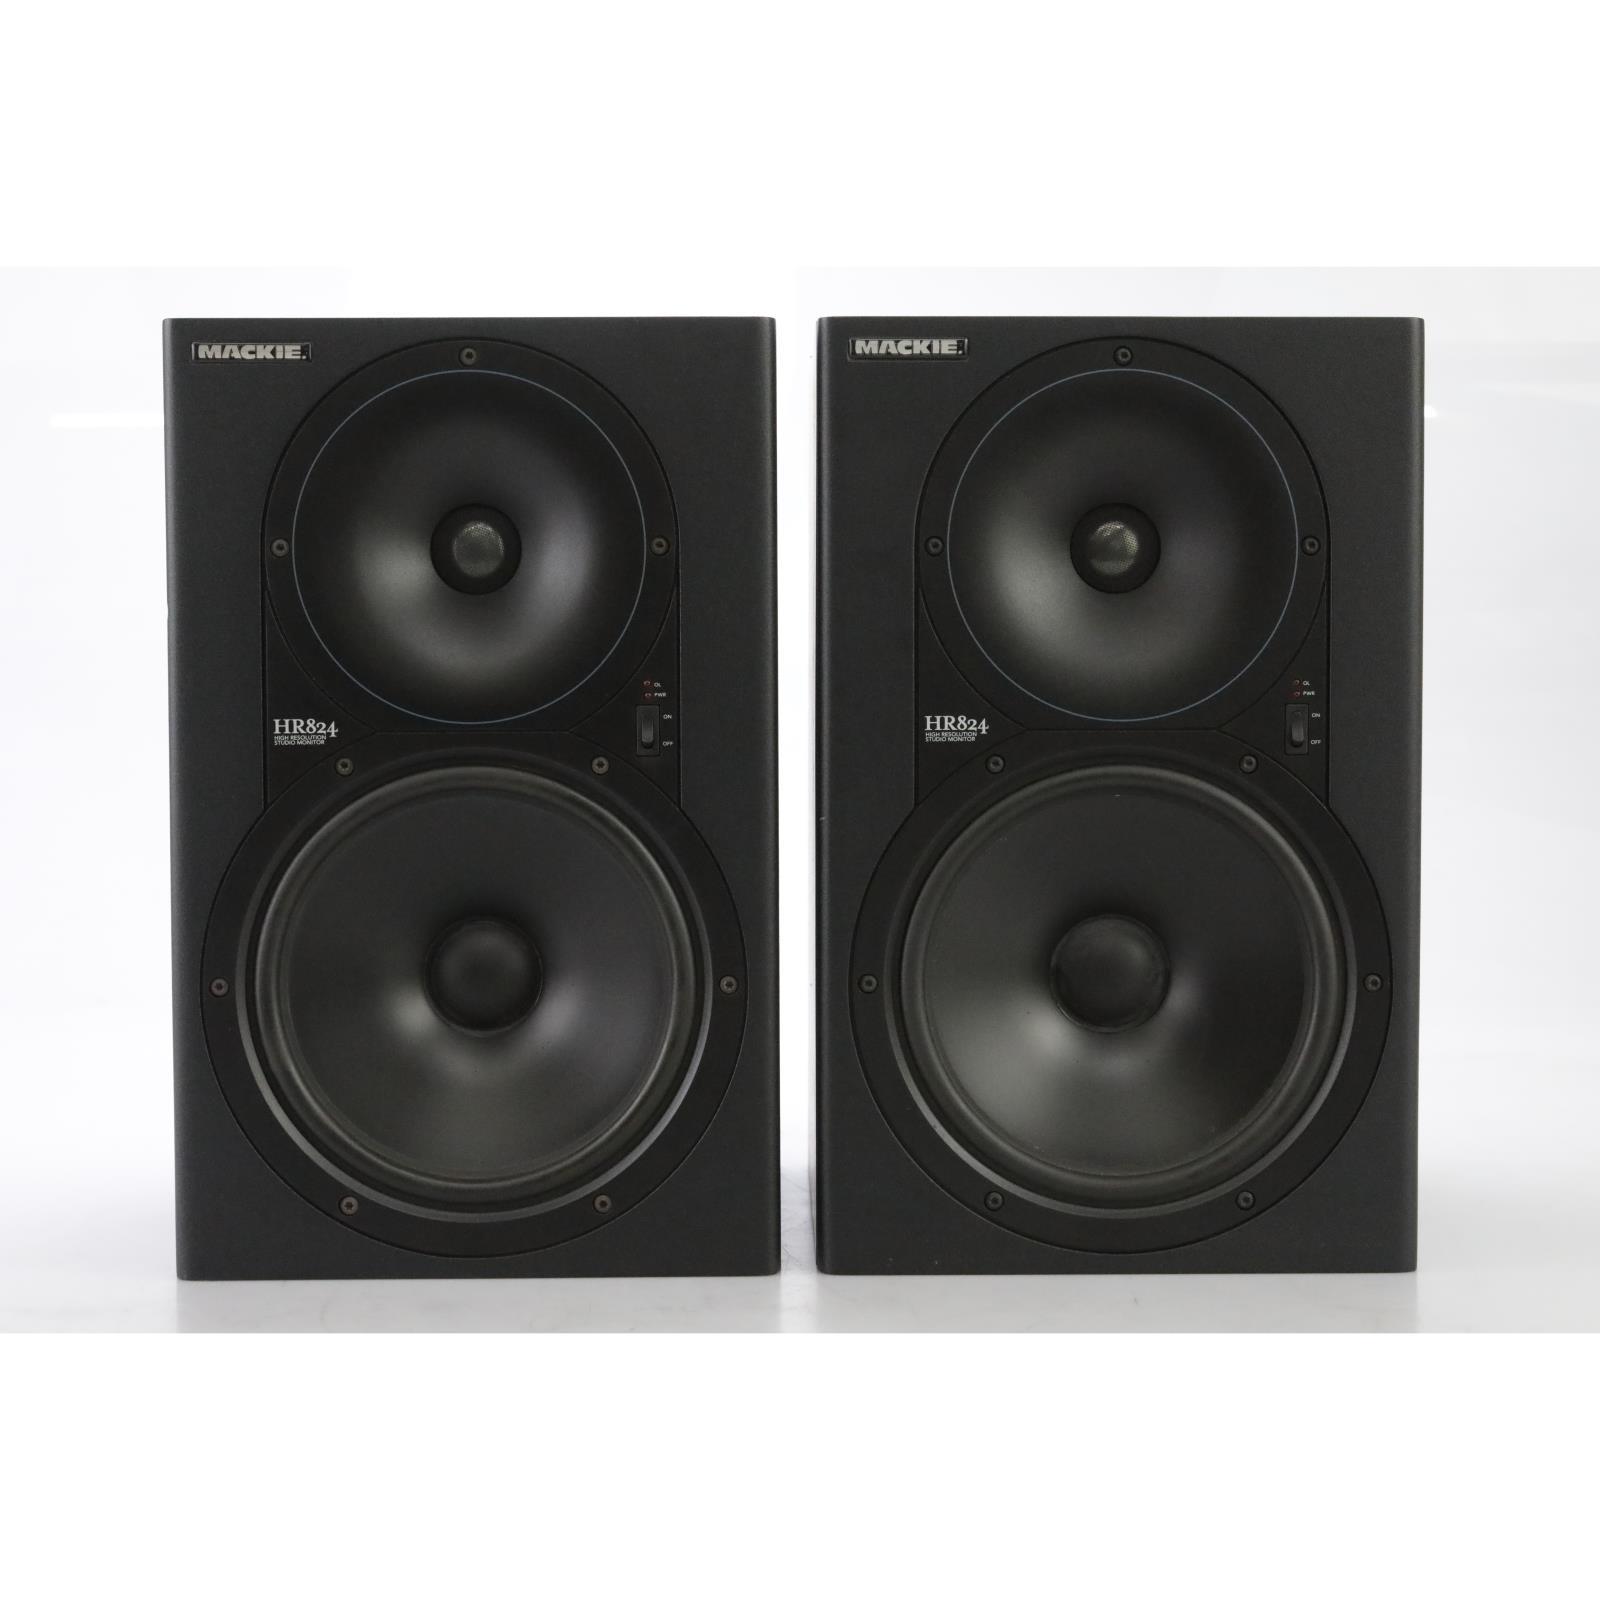 Mackie HR824 Active Studio Monitor Speakers (Pair) #44946